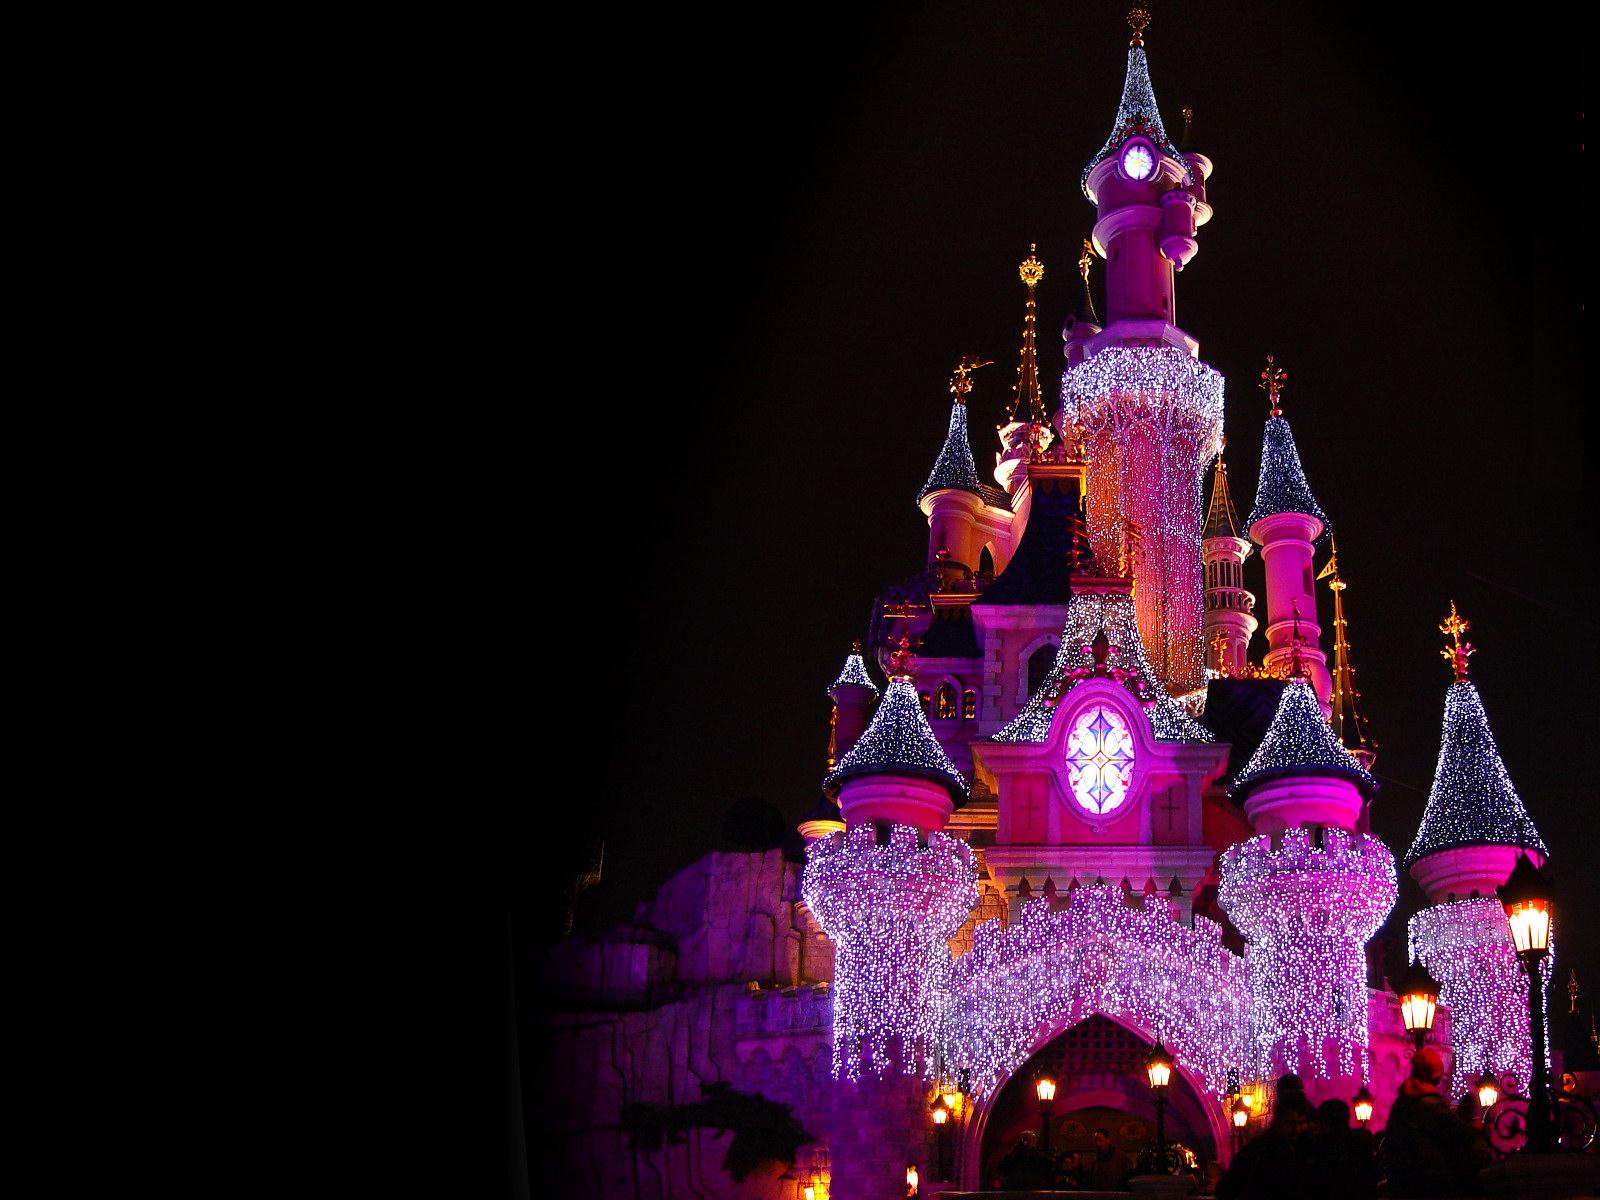 Disney Desktop HD Wallpaper | Amazing Wallpapers